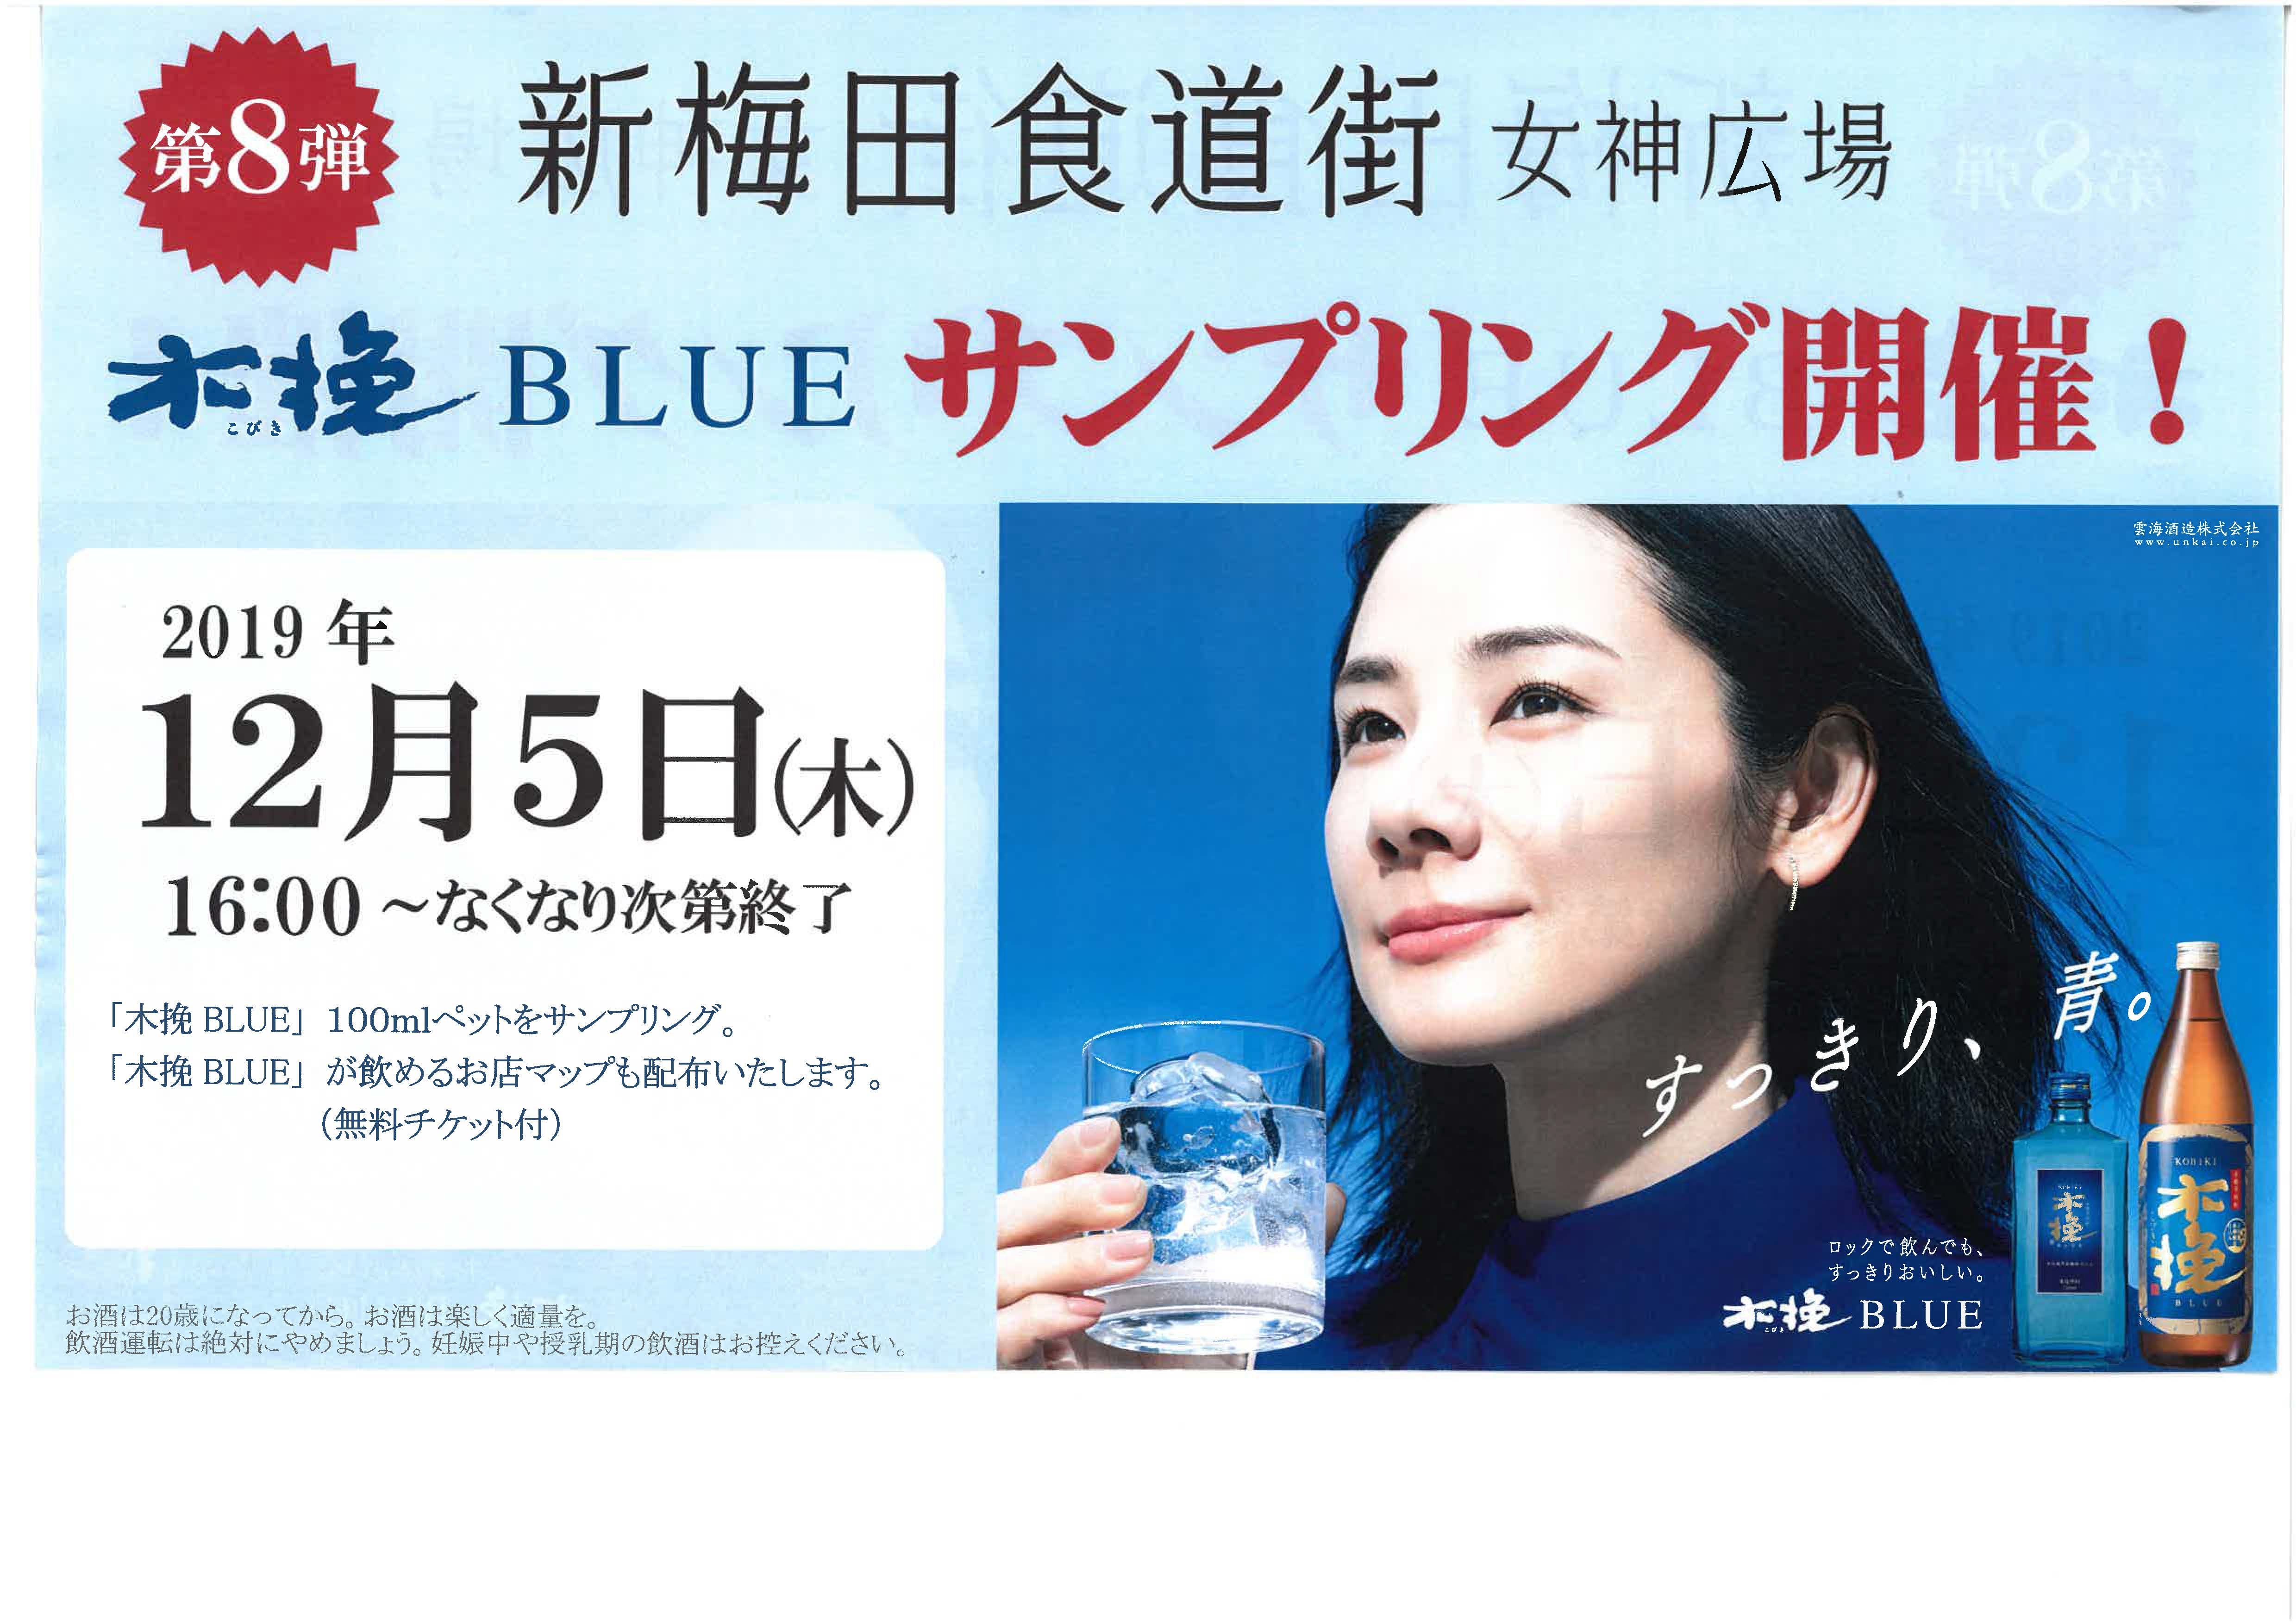 第8弾 雲海酒造「木挽BLUE」サンプリングは終了いたしました。ありがとうございました。 トップページ画像